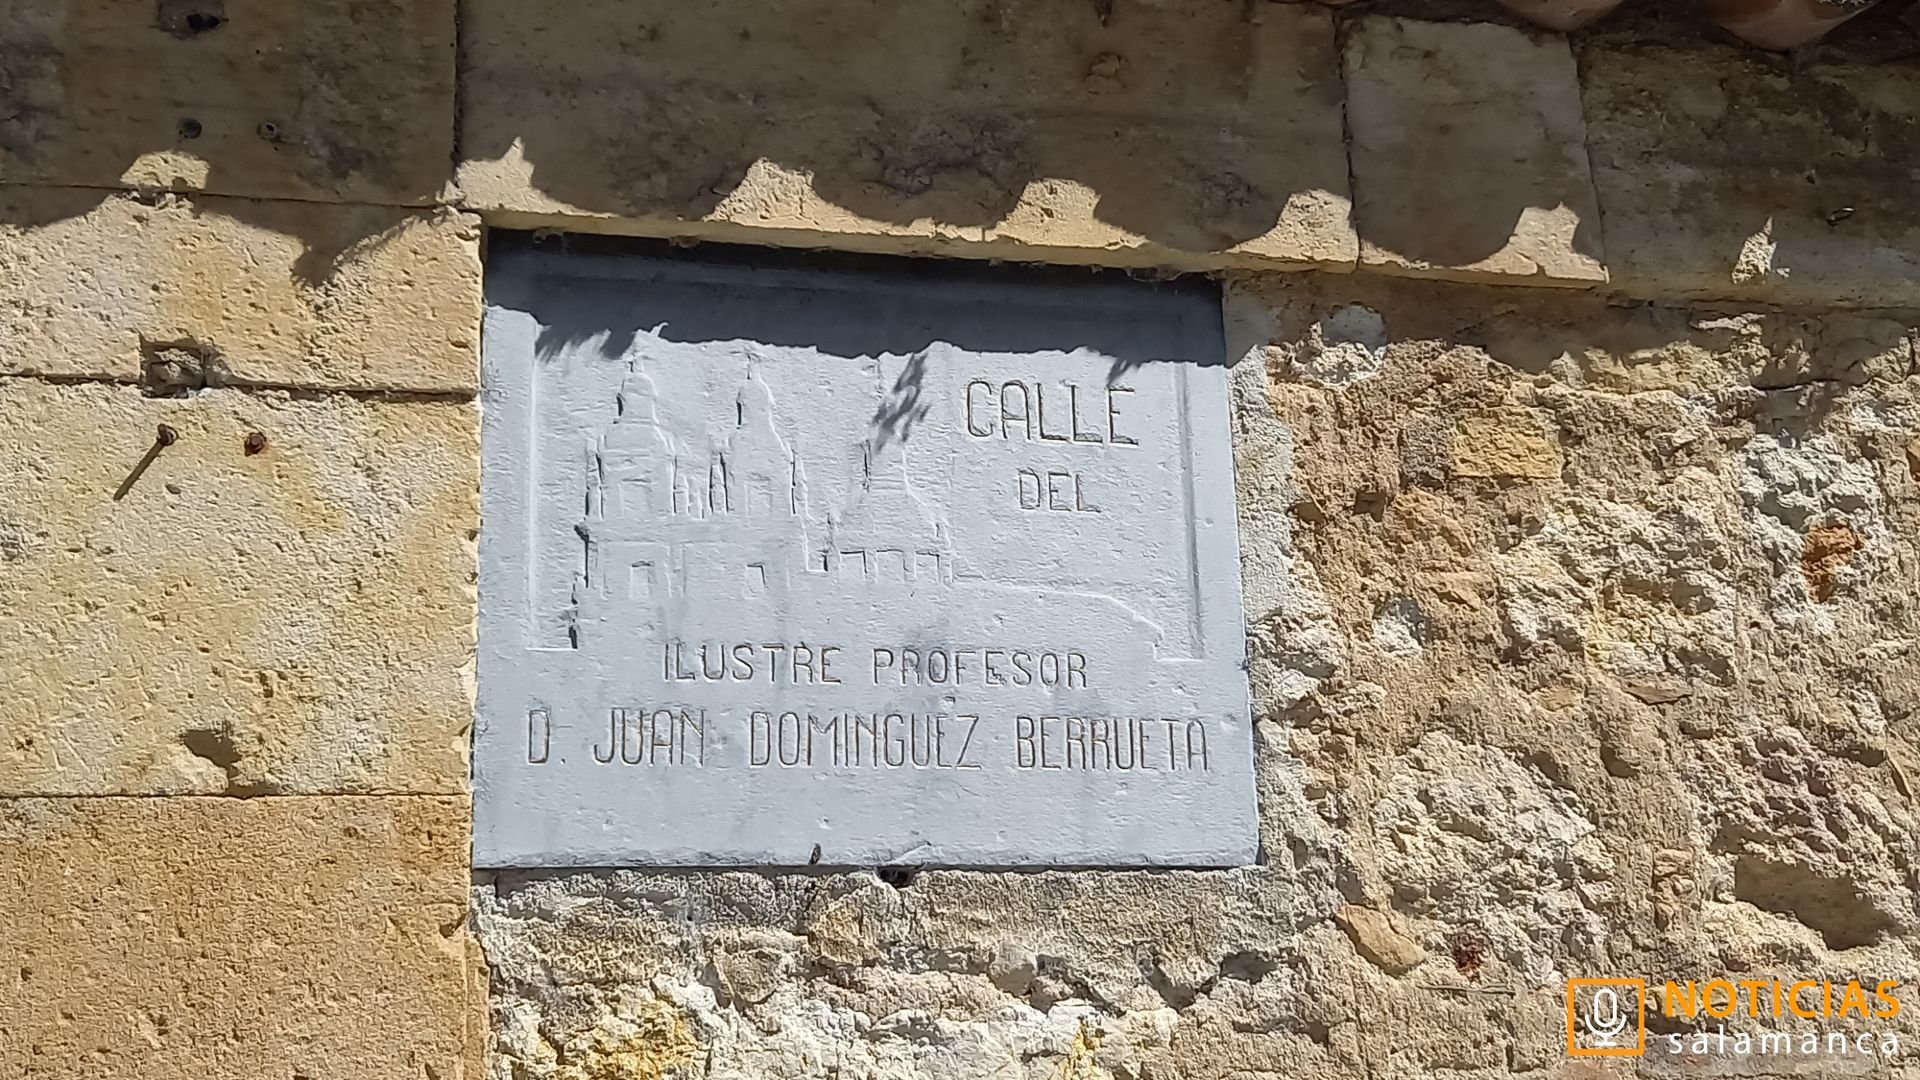 Calle Juan Dominguez Berrueta